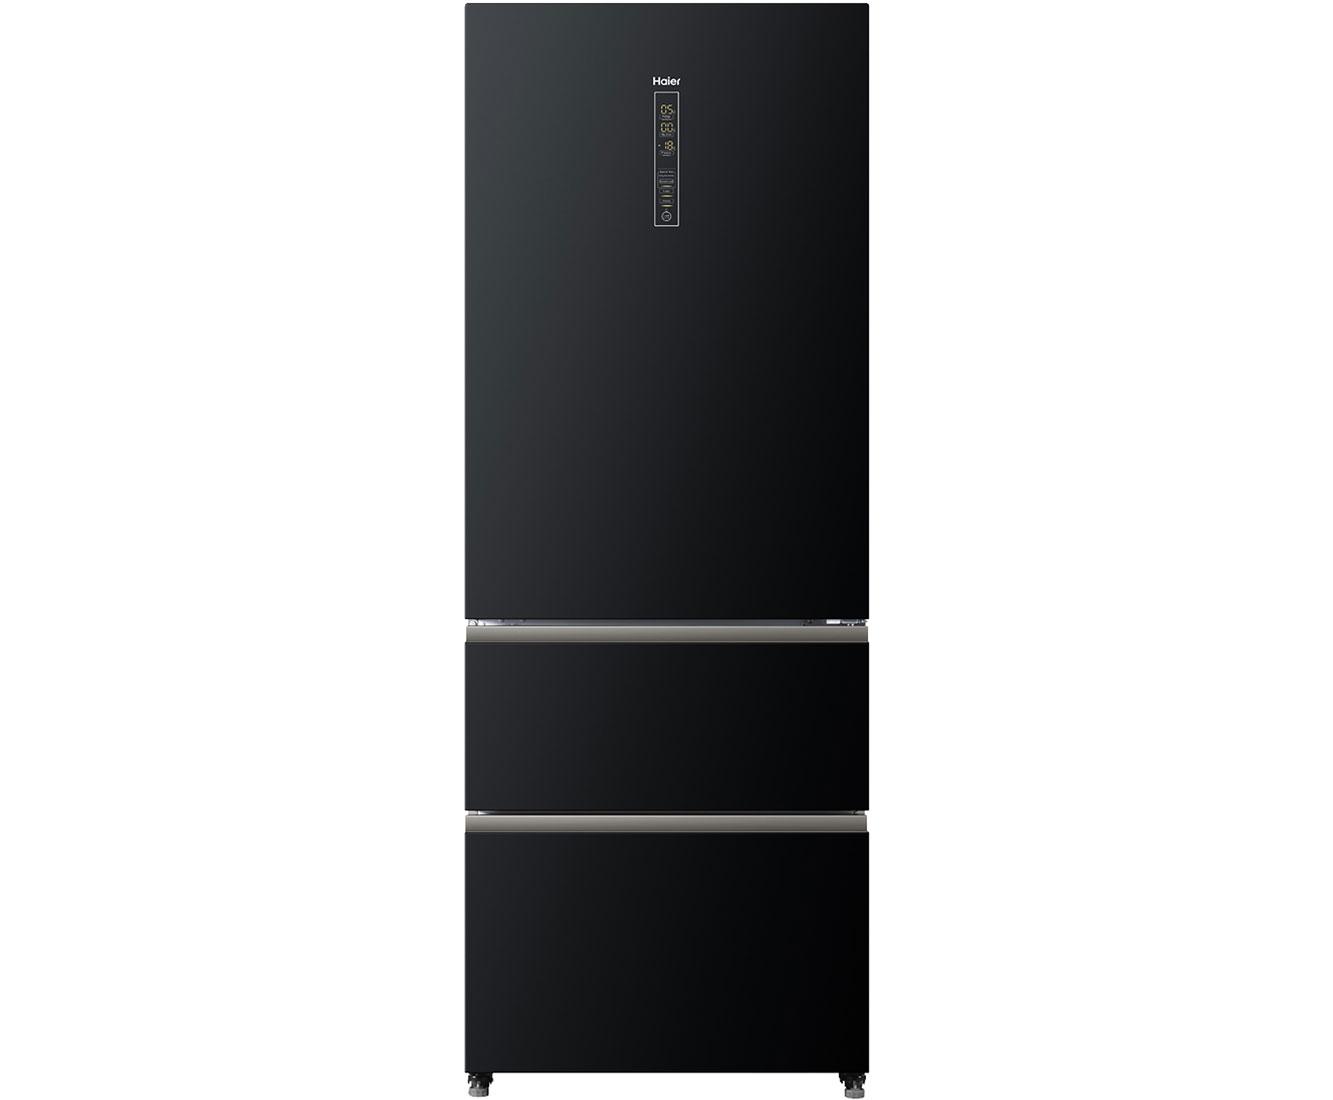 Haier A3FE742CGBJ Kühl-Gefrierkombinationen - Schwarz | Küche und Esszimmer > Küchenelektrogeräte > Kühl-Gefrierkombis | Schwarz | Haier